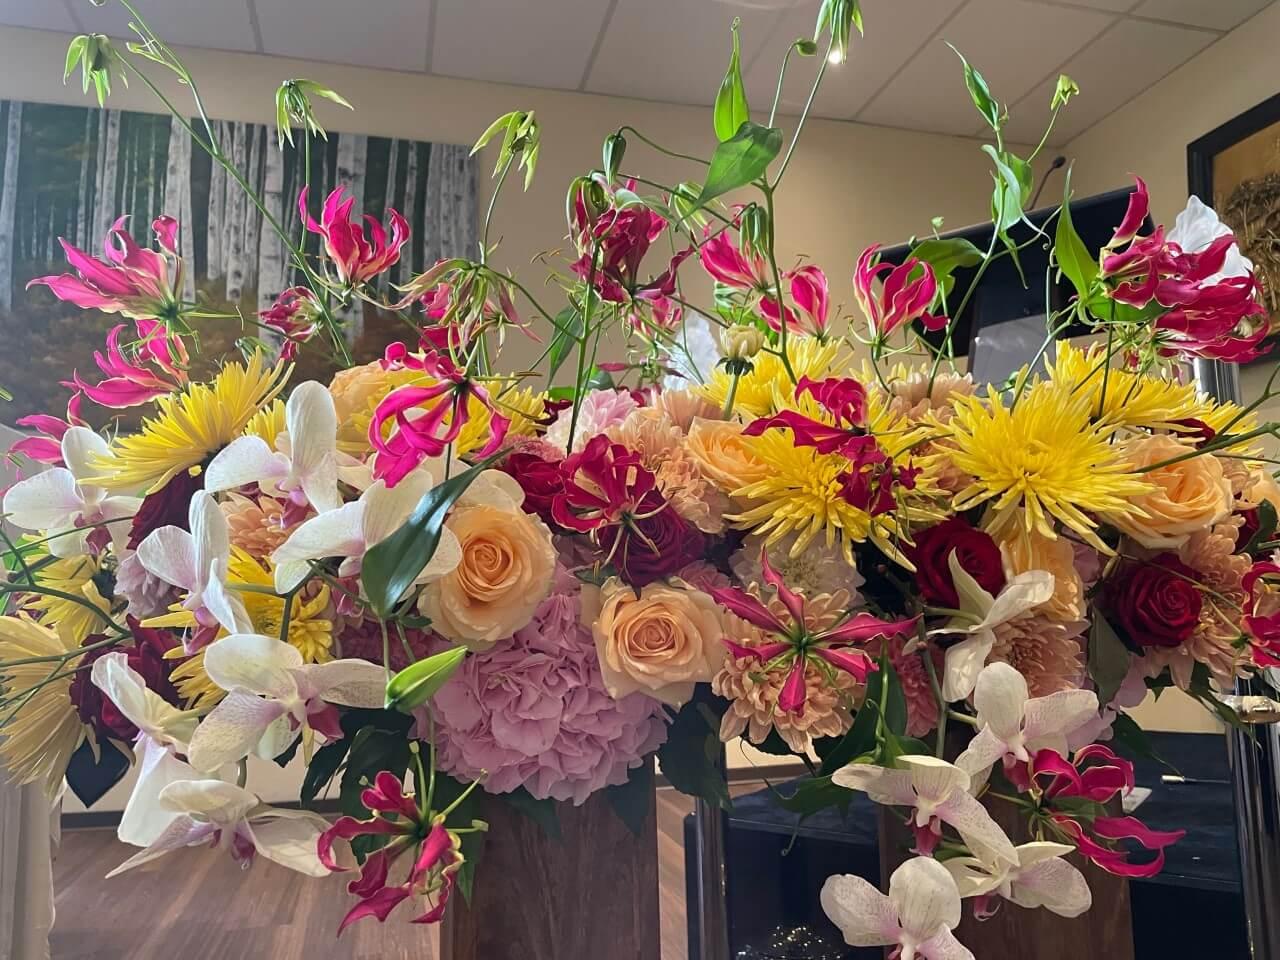 Buntes Sargbukett mit verschiedenen Blumen